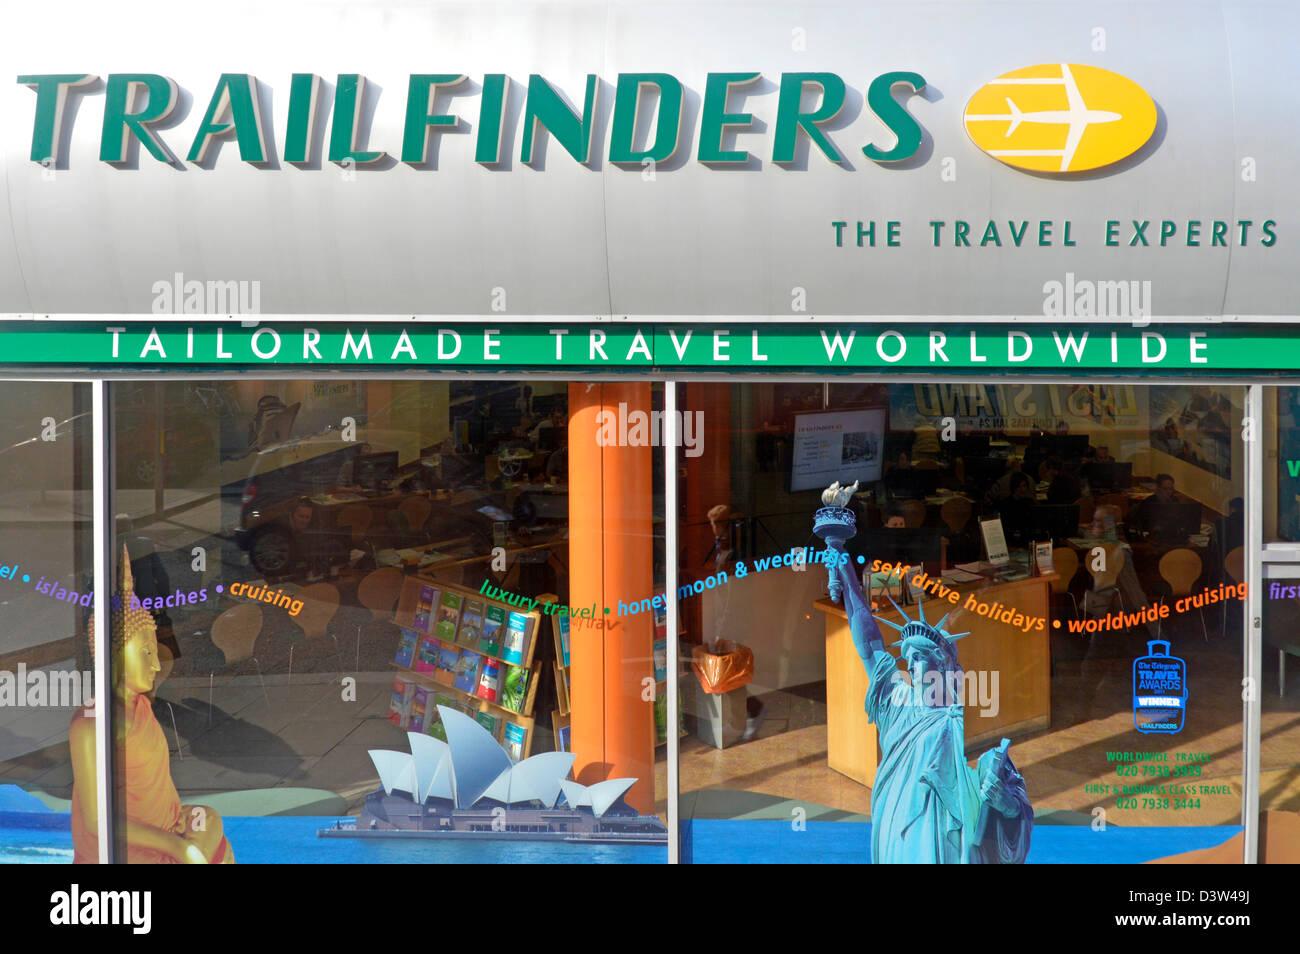 Reisebüros/Reisevermittler Trailfinders Shop Frontscheibe Stockbild